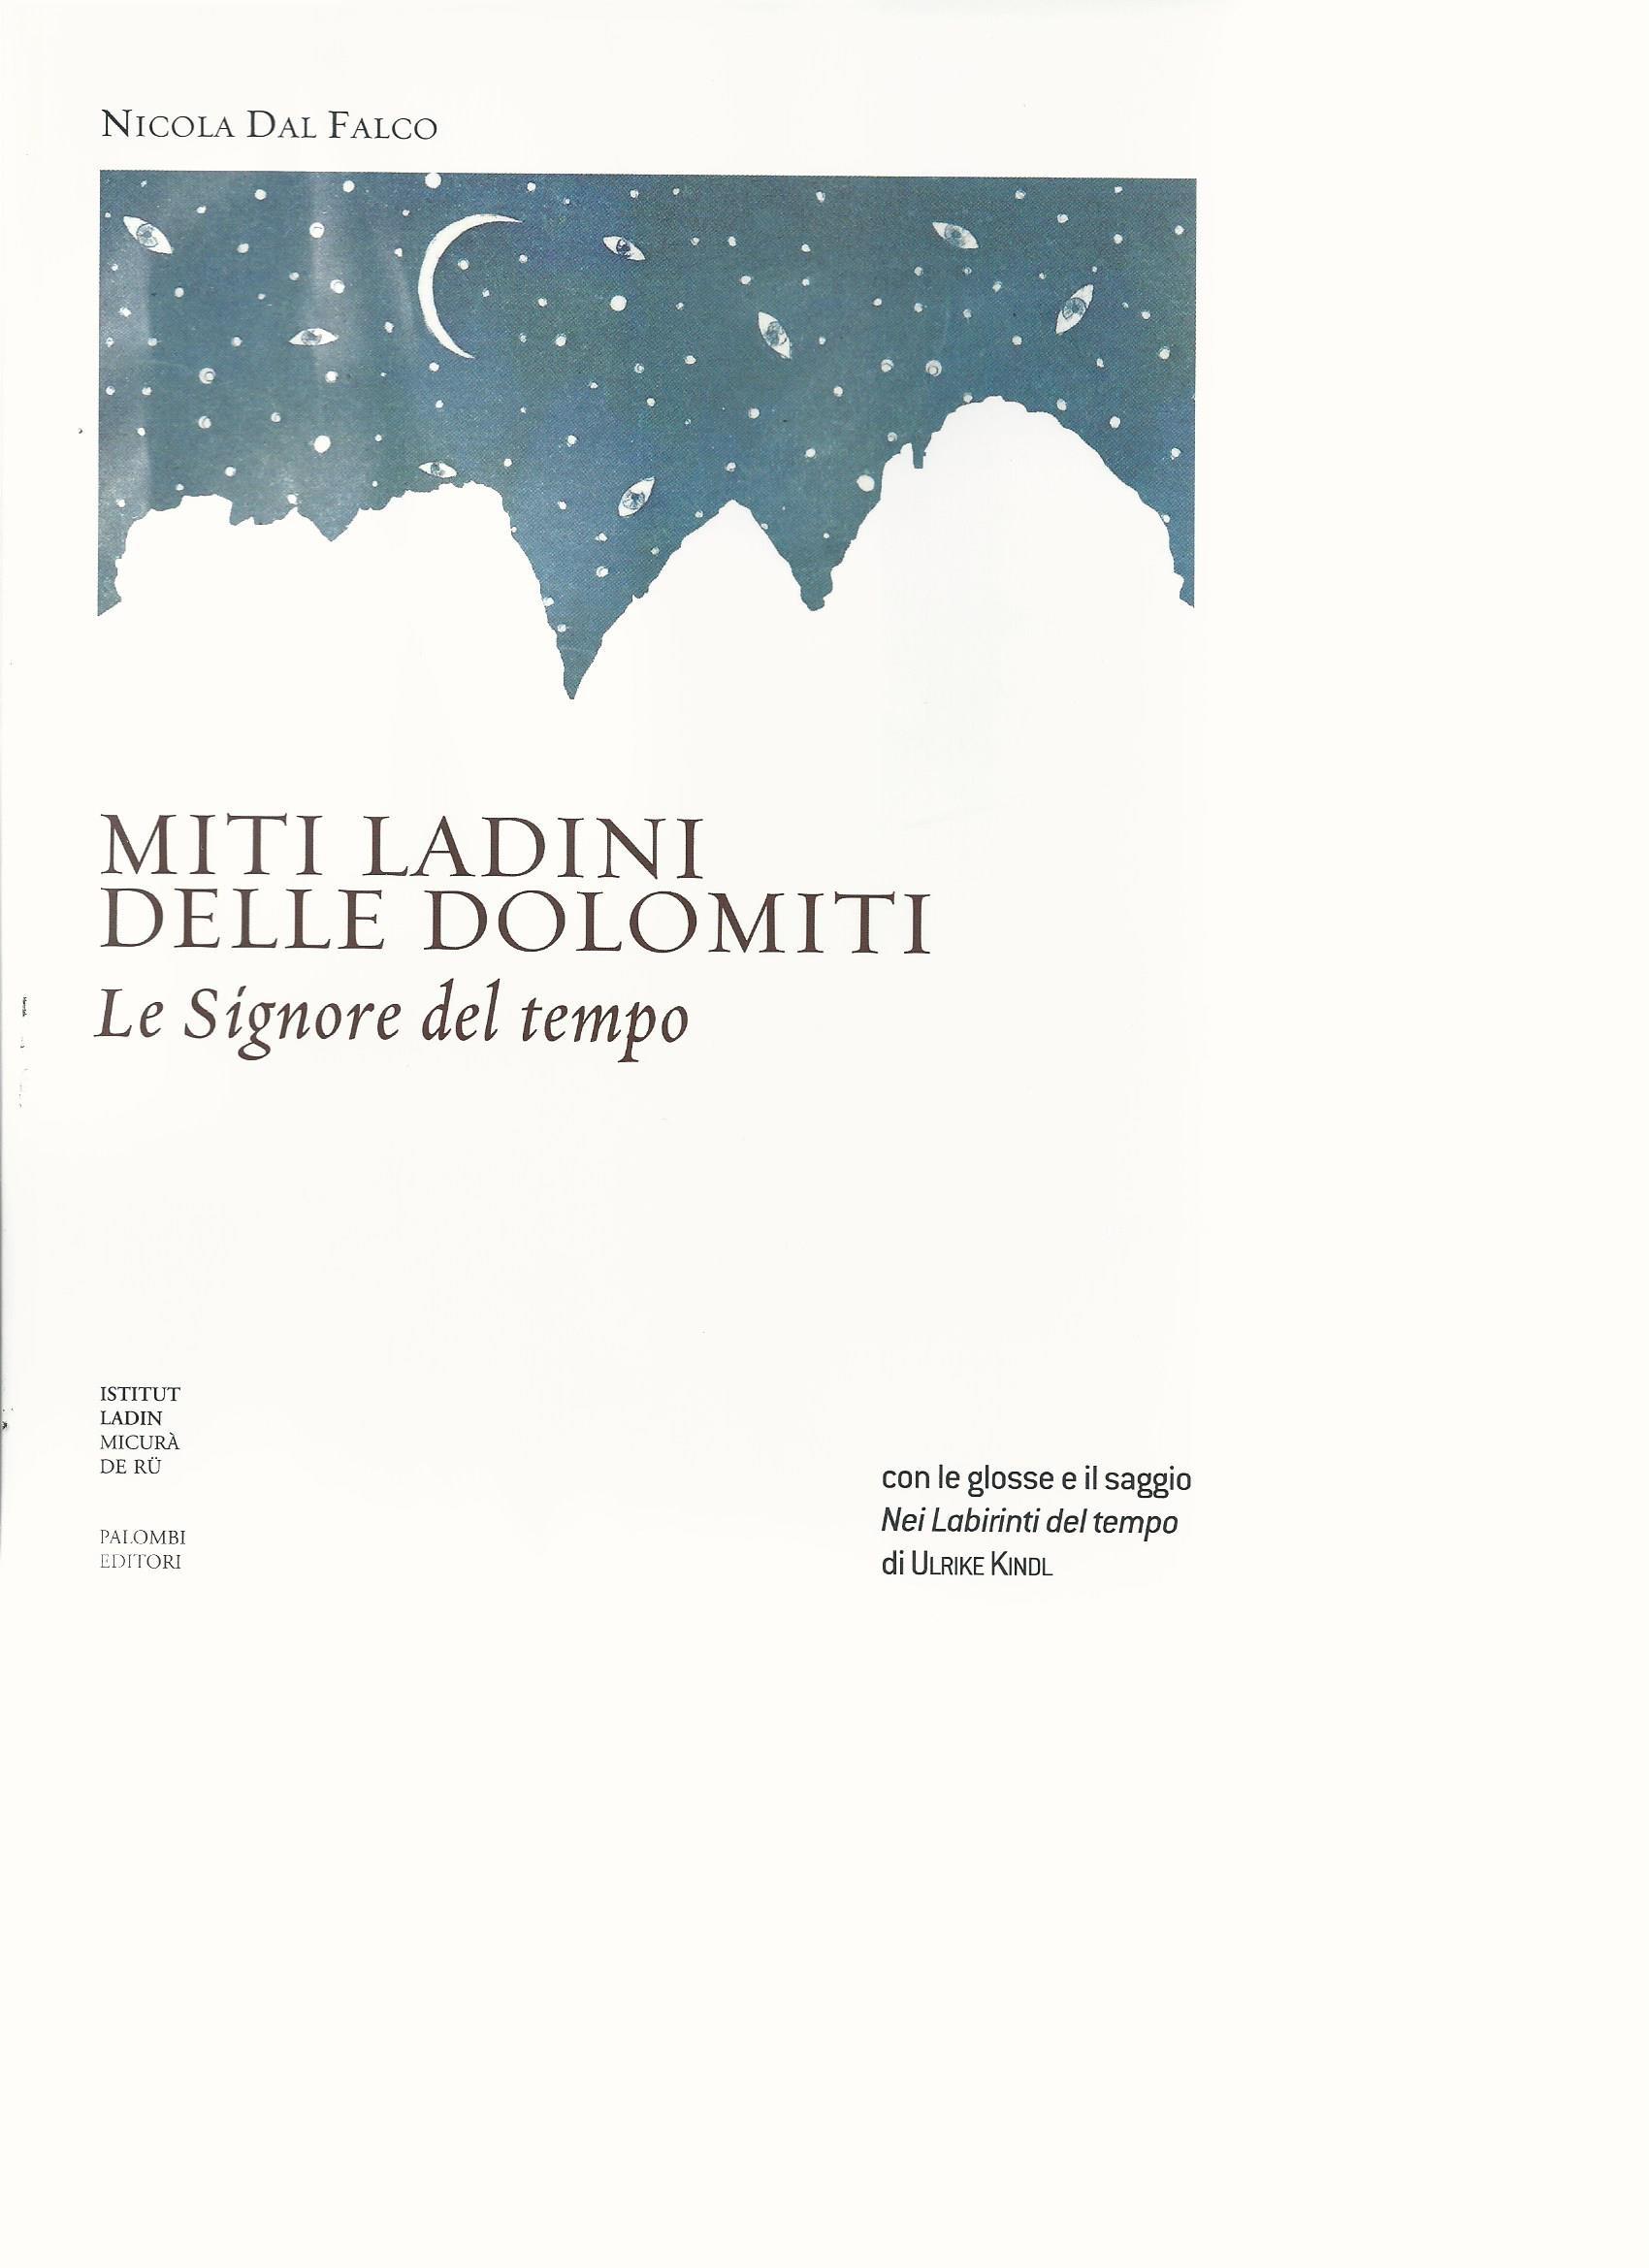 Miti ladini delle Dolomiti. Le Signore del tempo, Nicola Dal Falco